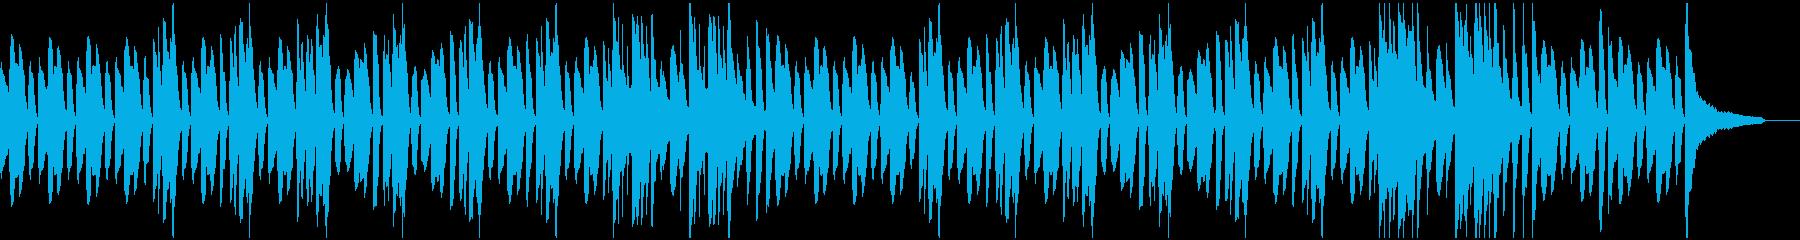 ほのぼの日常系ピアノソロの再生済みの波形